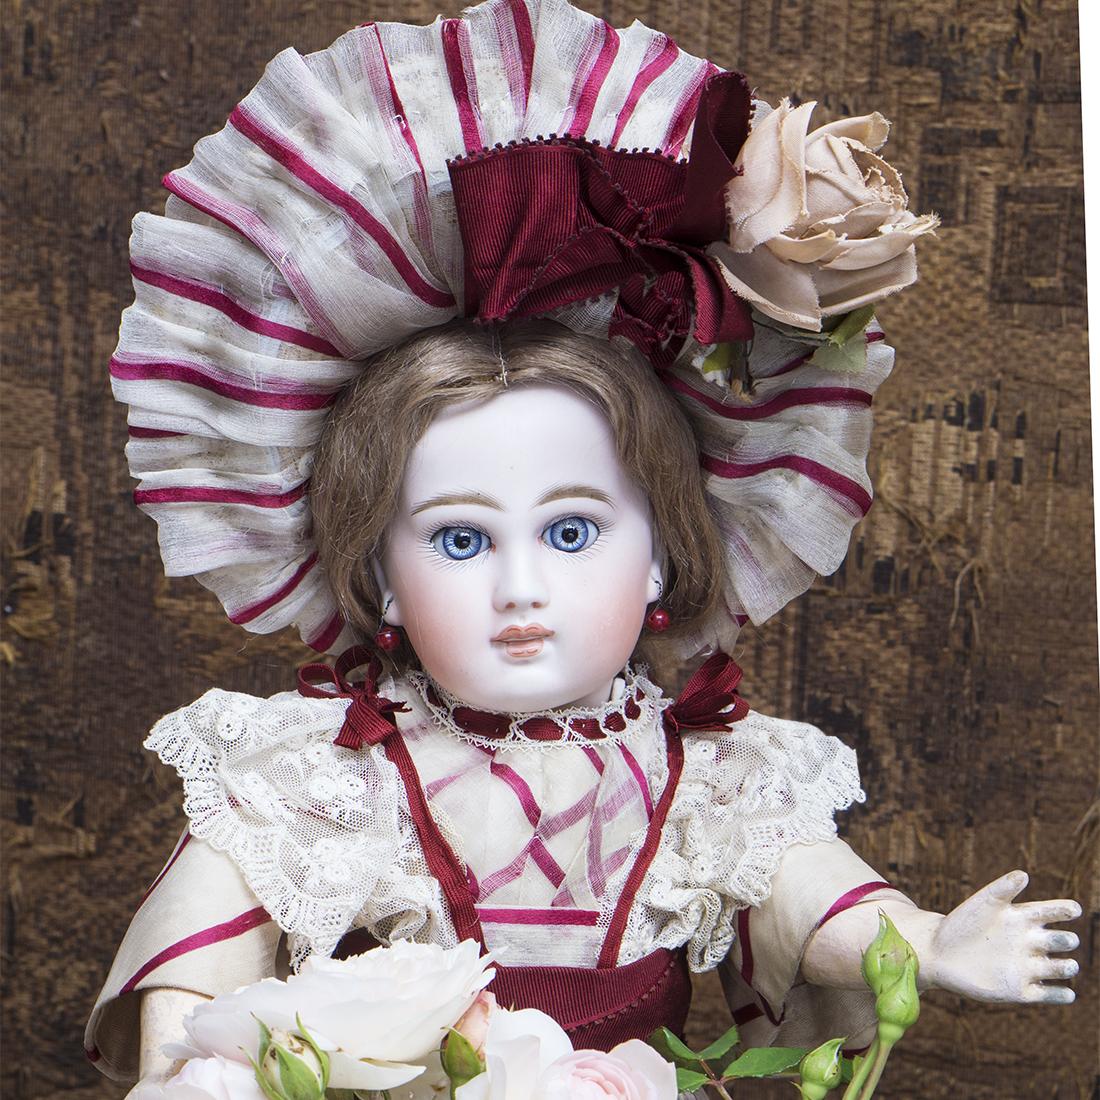 136 sonneberg doll